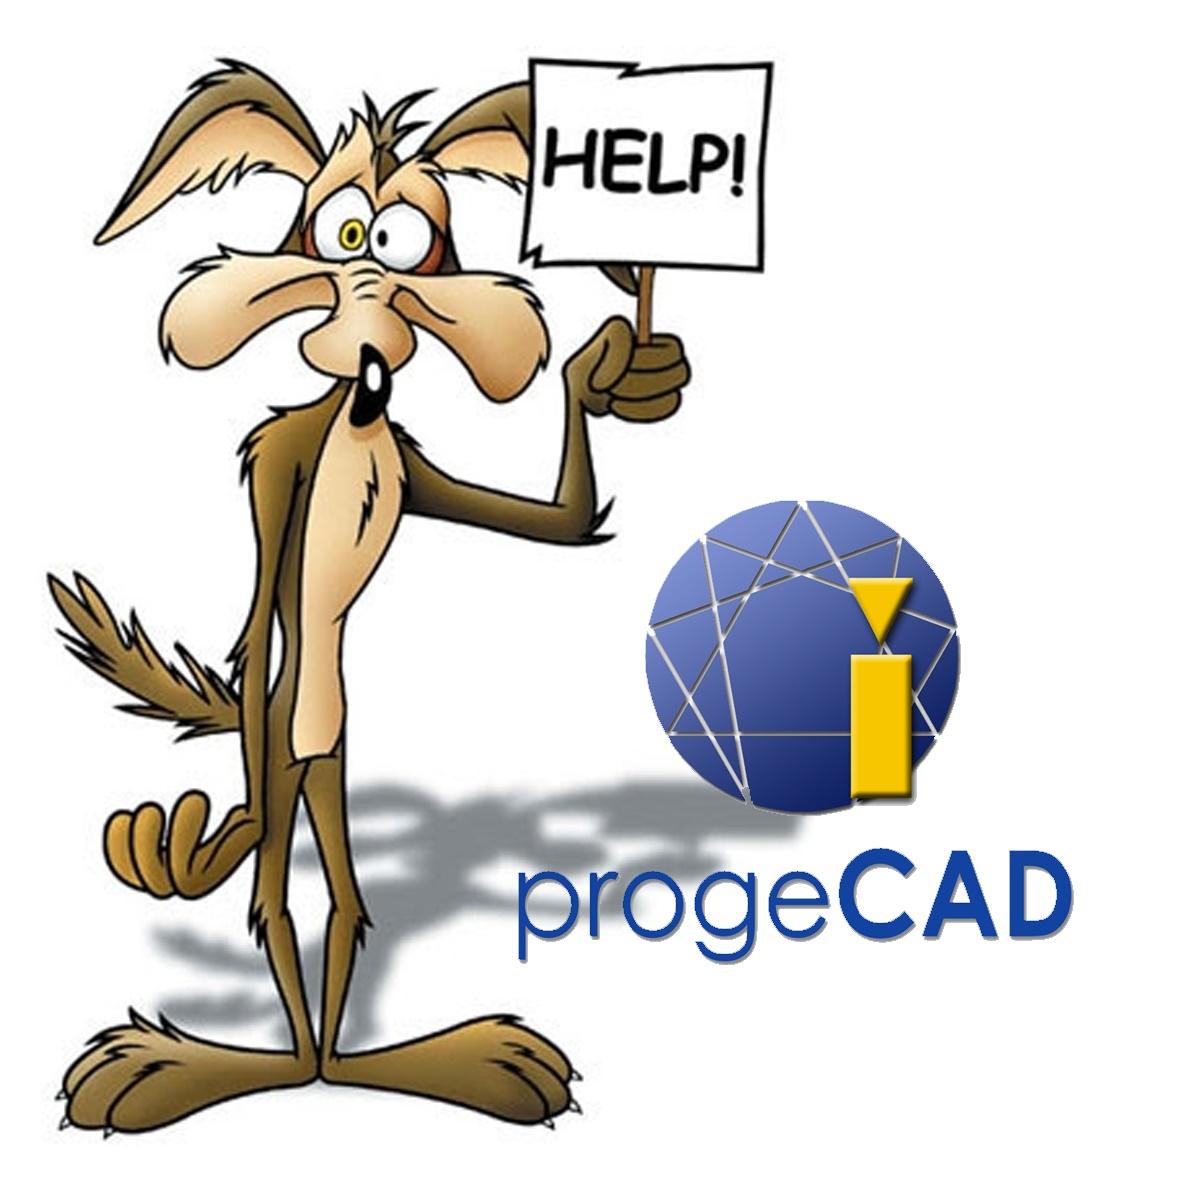 Priručnik za progeCAD na hrvatskom i engleskom